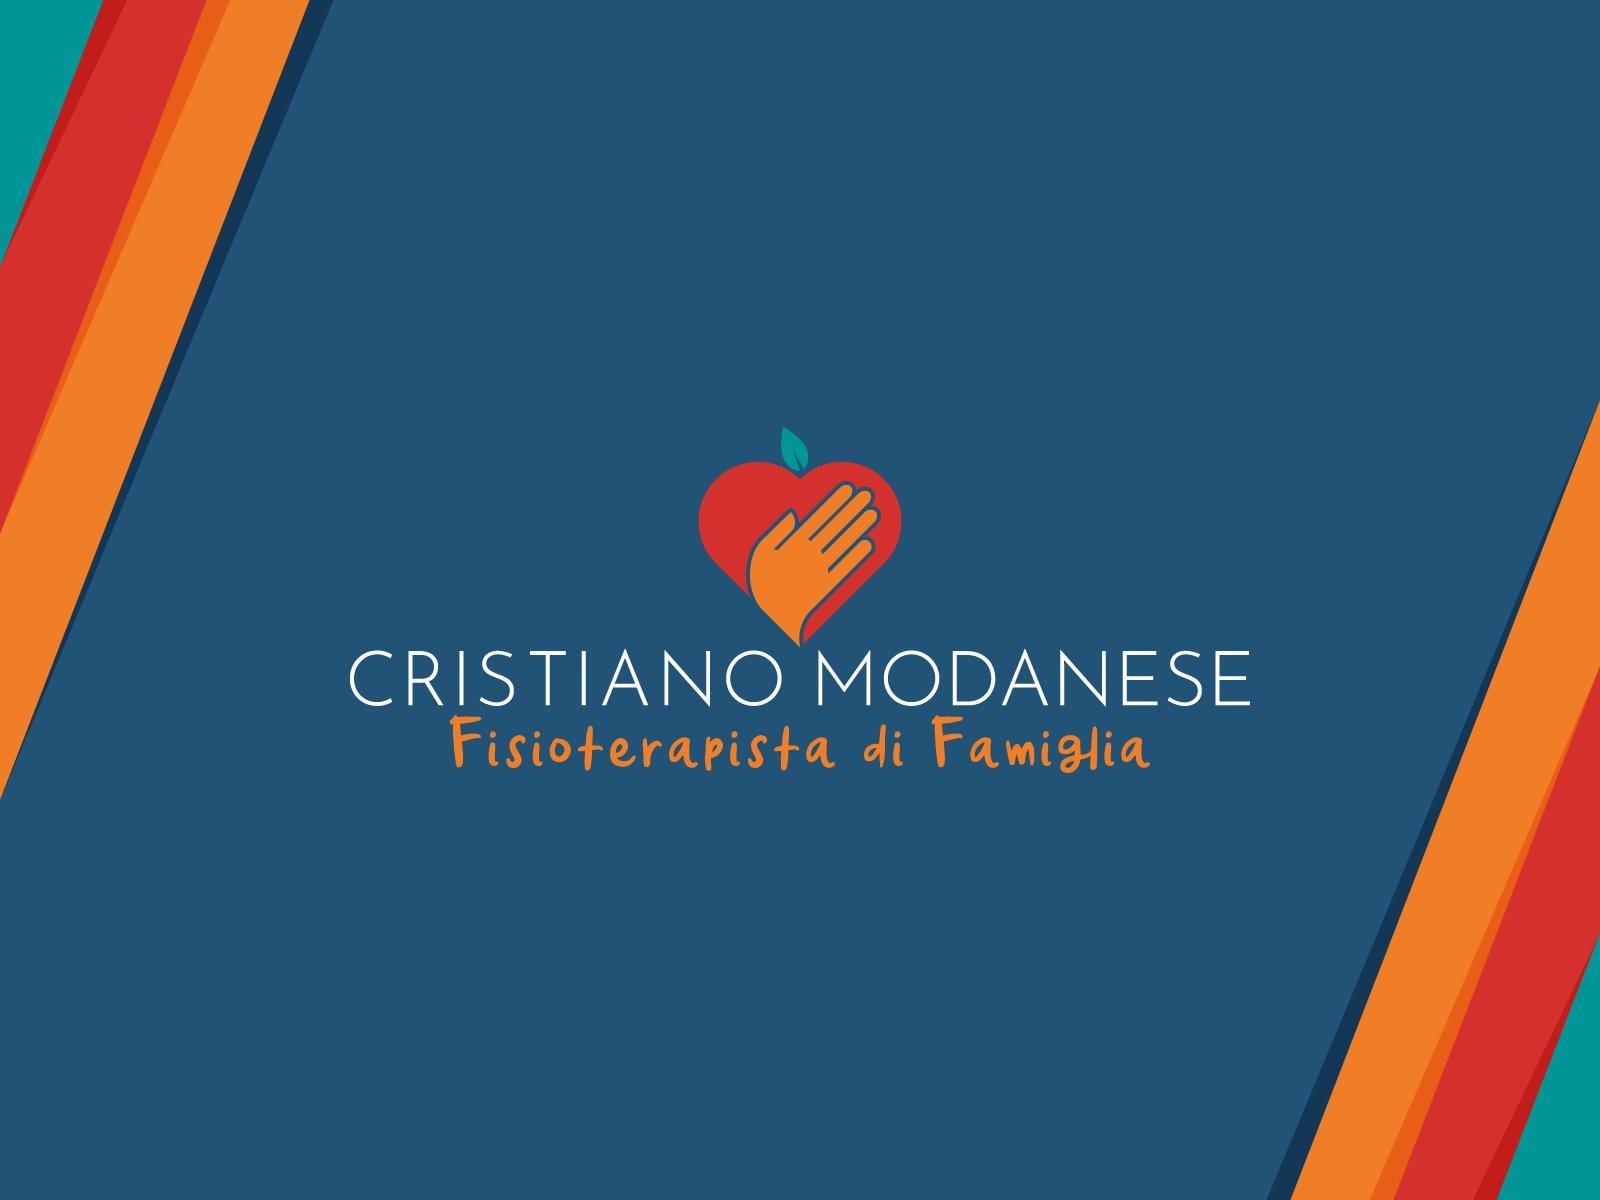 cristiano modanese, branding per fisioterapista, Predaia - Italia